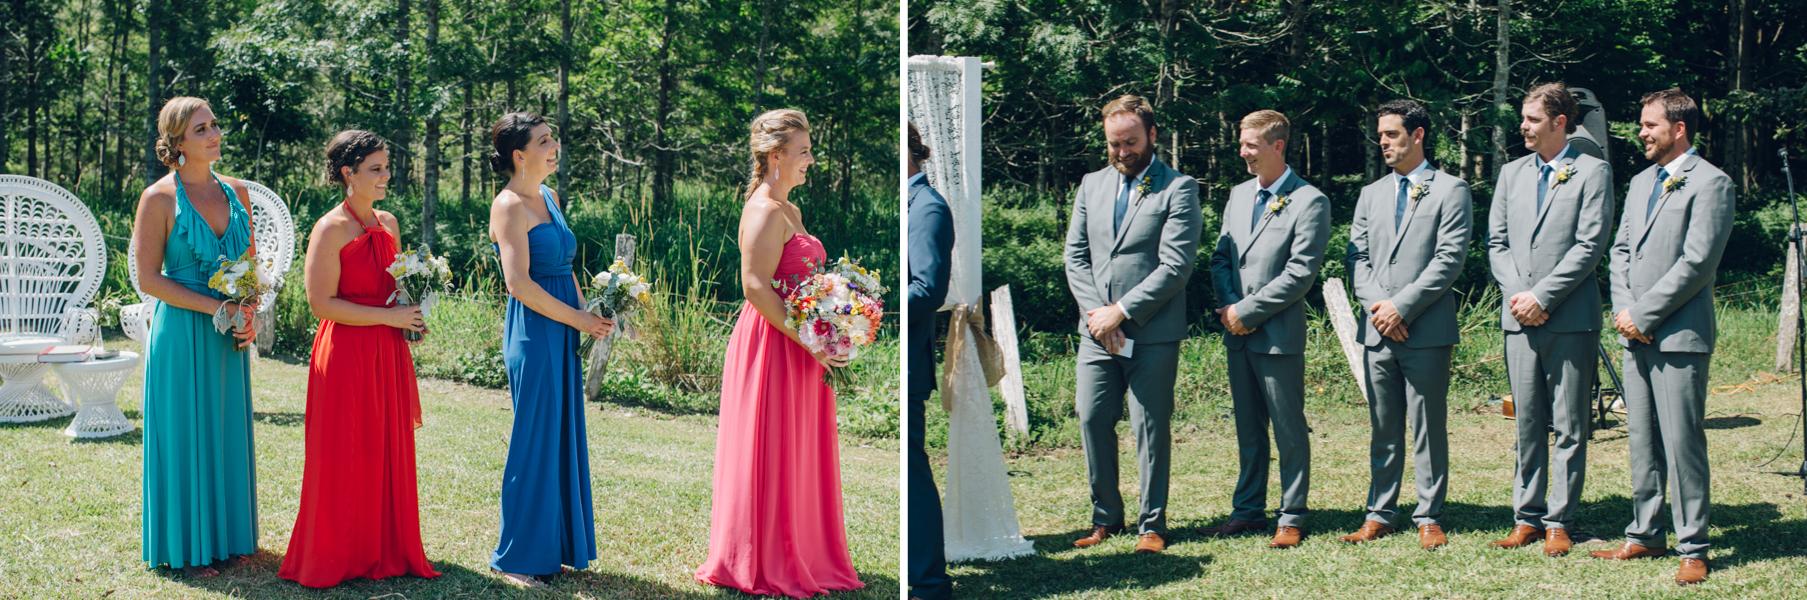 Erin & Craig Byron Bay Wedding Photography 16.jpg